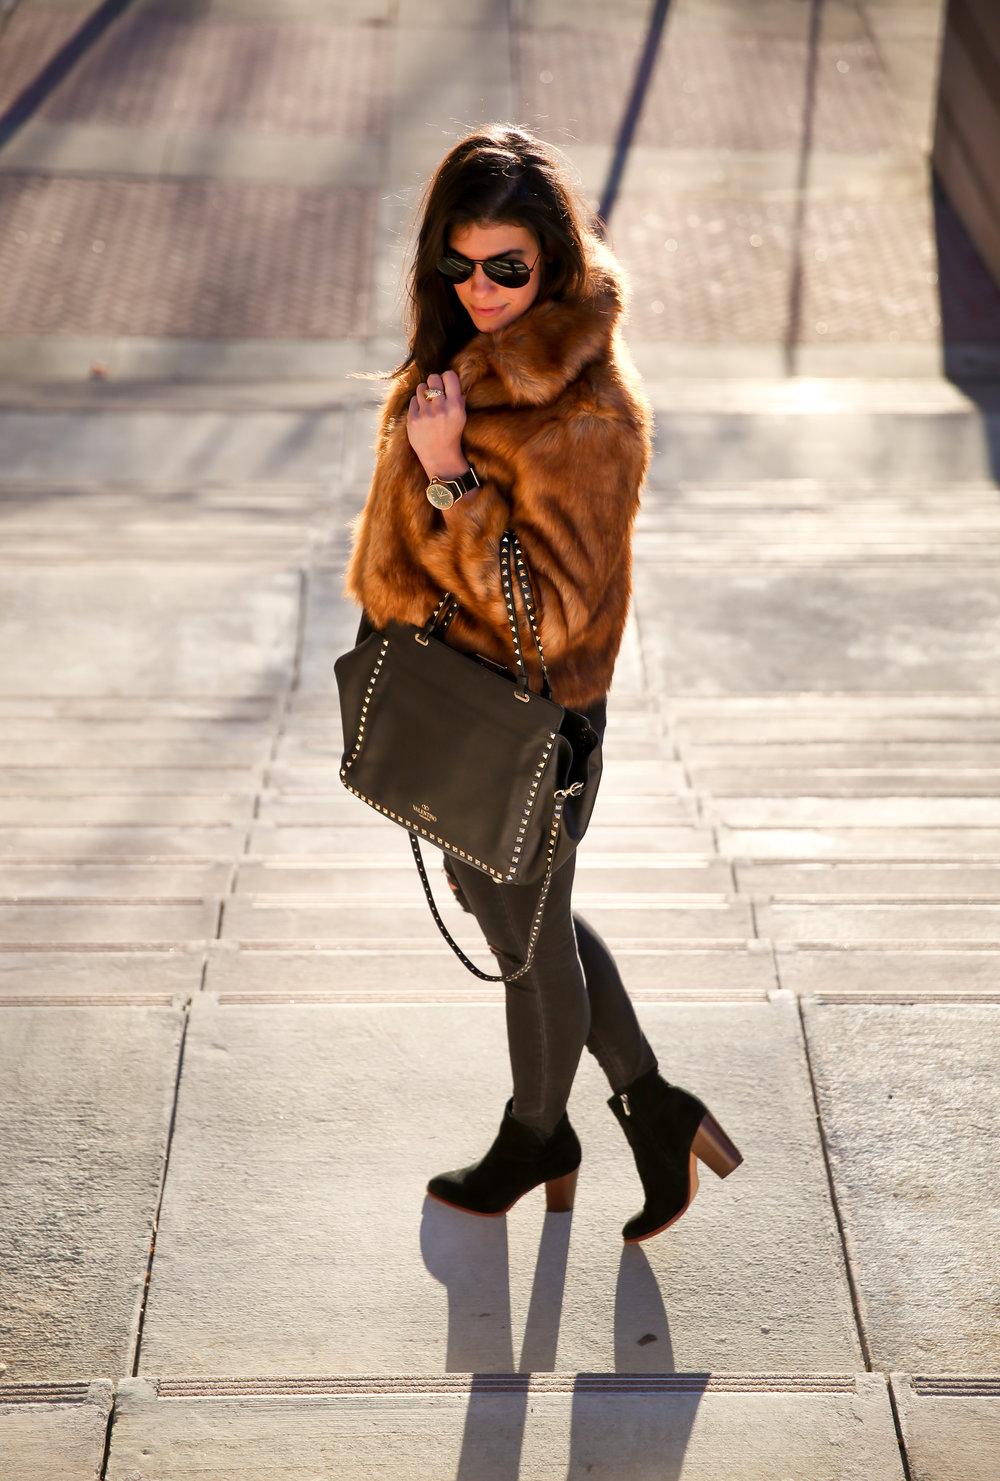 winter-style-ootd-faux-fur-black-skinny-jeans.jpg